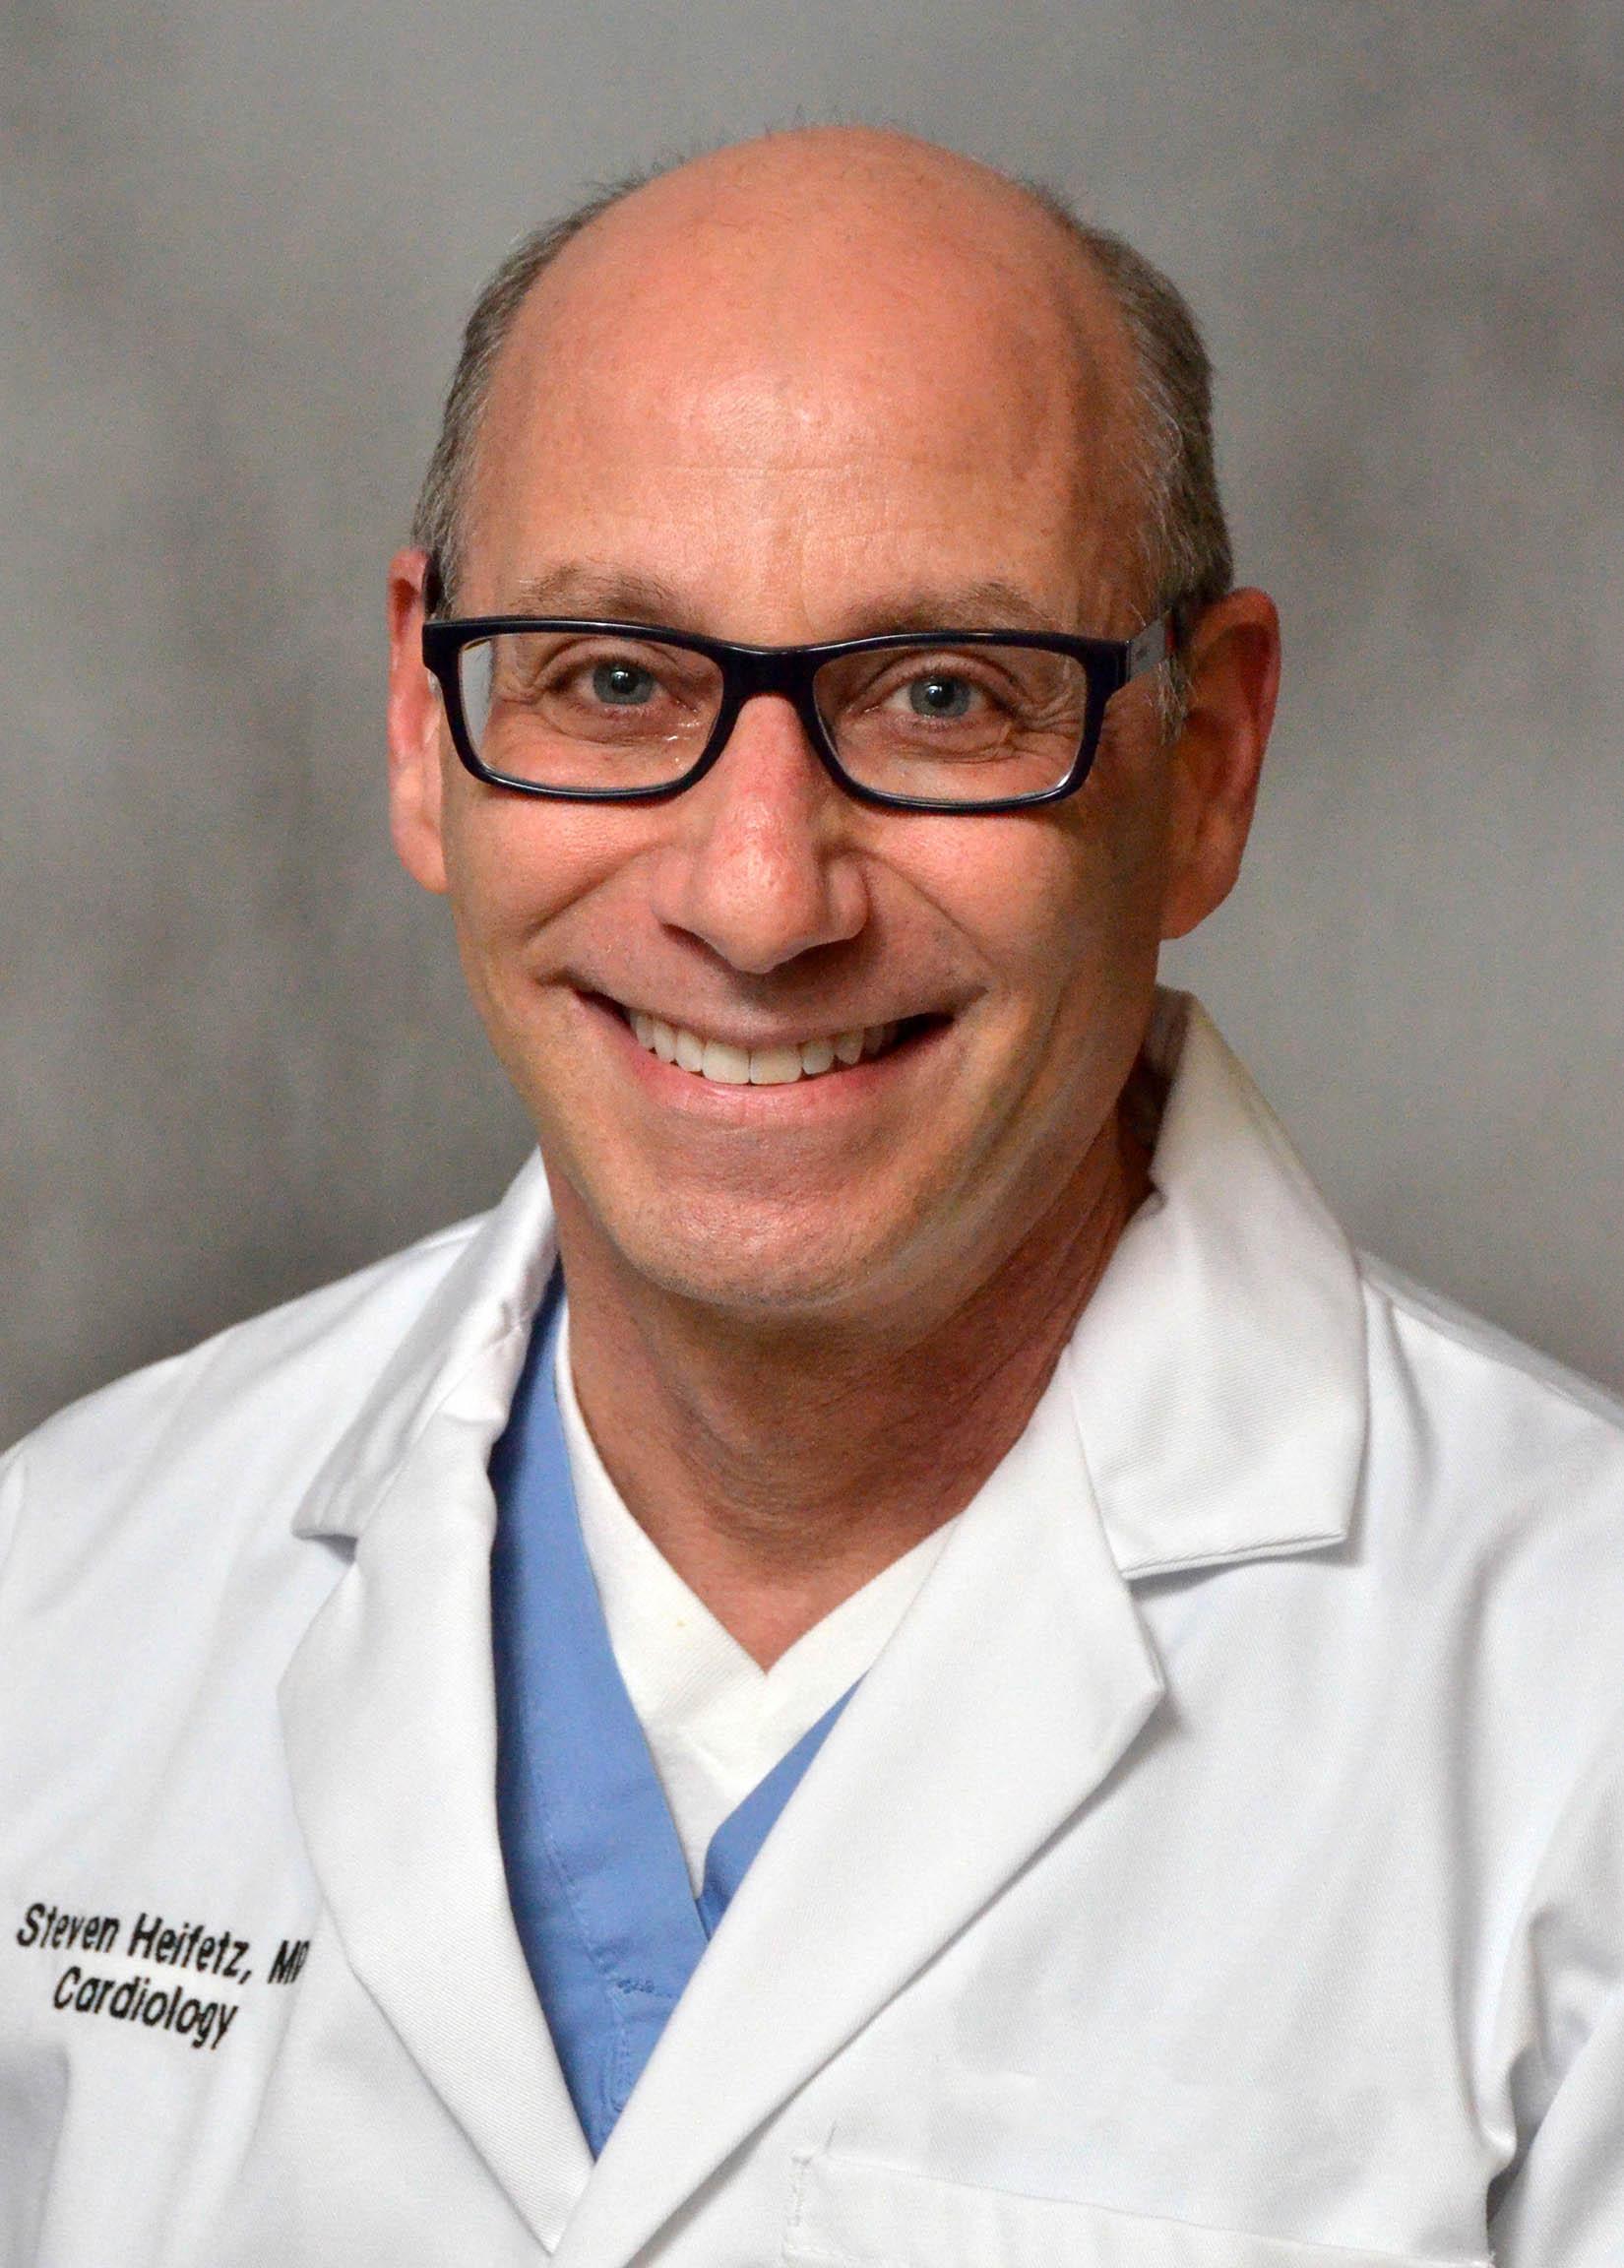 STEVEN HEIFETZ, MD, FACC